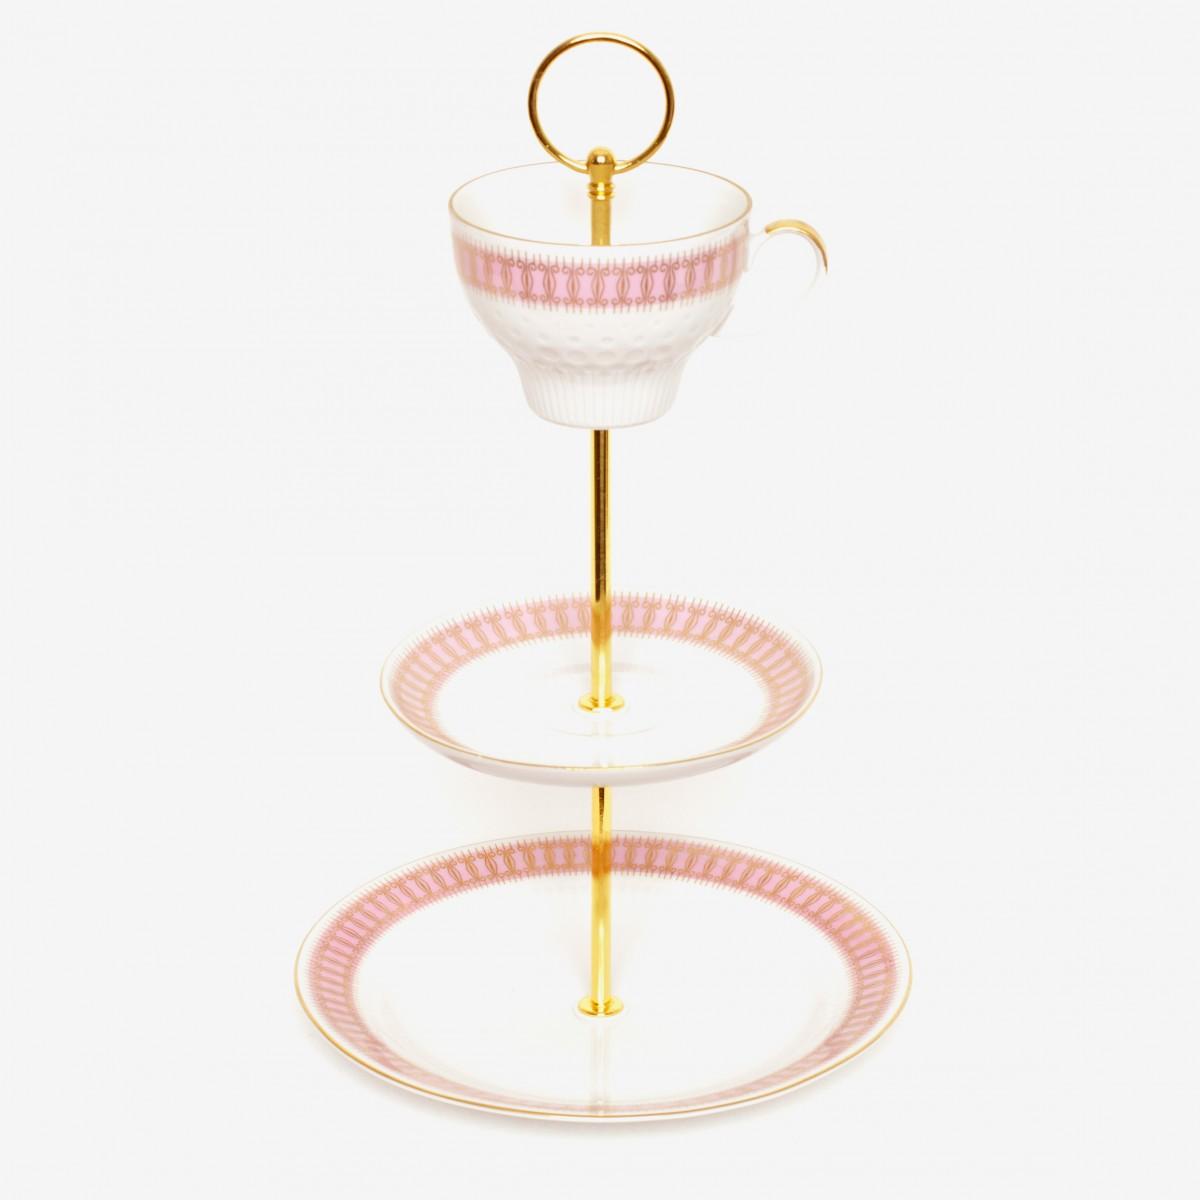 Lieselotte handgefertigte 3-stöckige Etagere aus Vintage-Porzellan mit rosa-goldenem Dekor